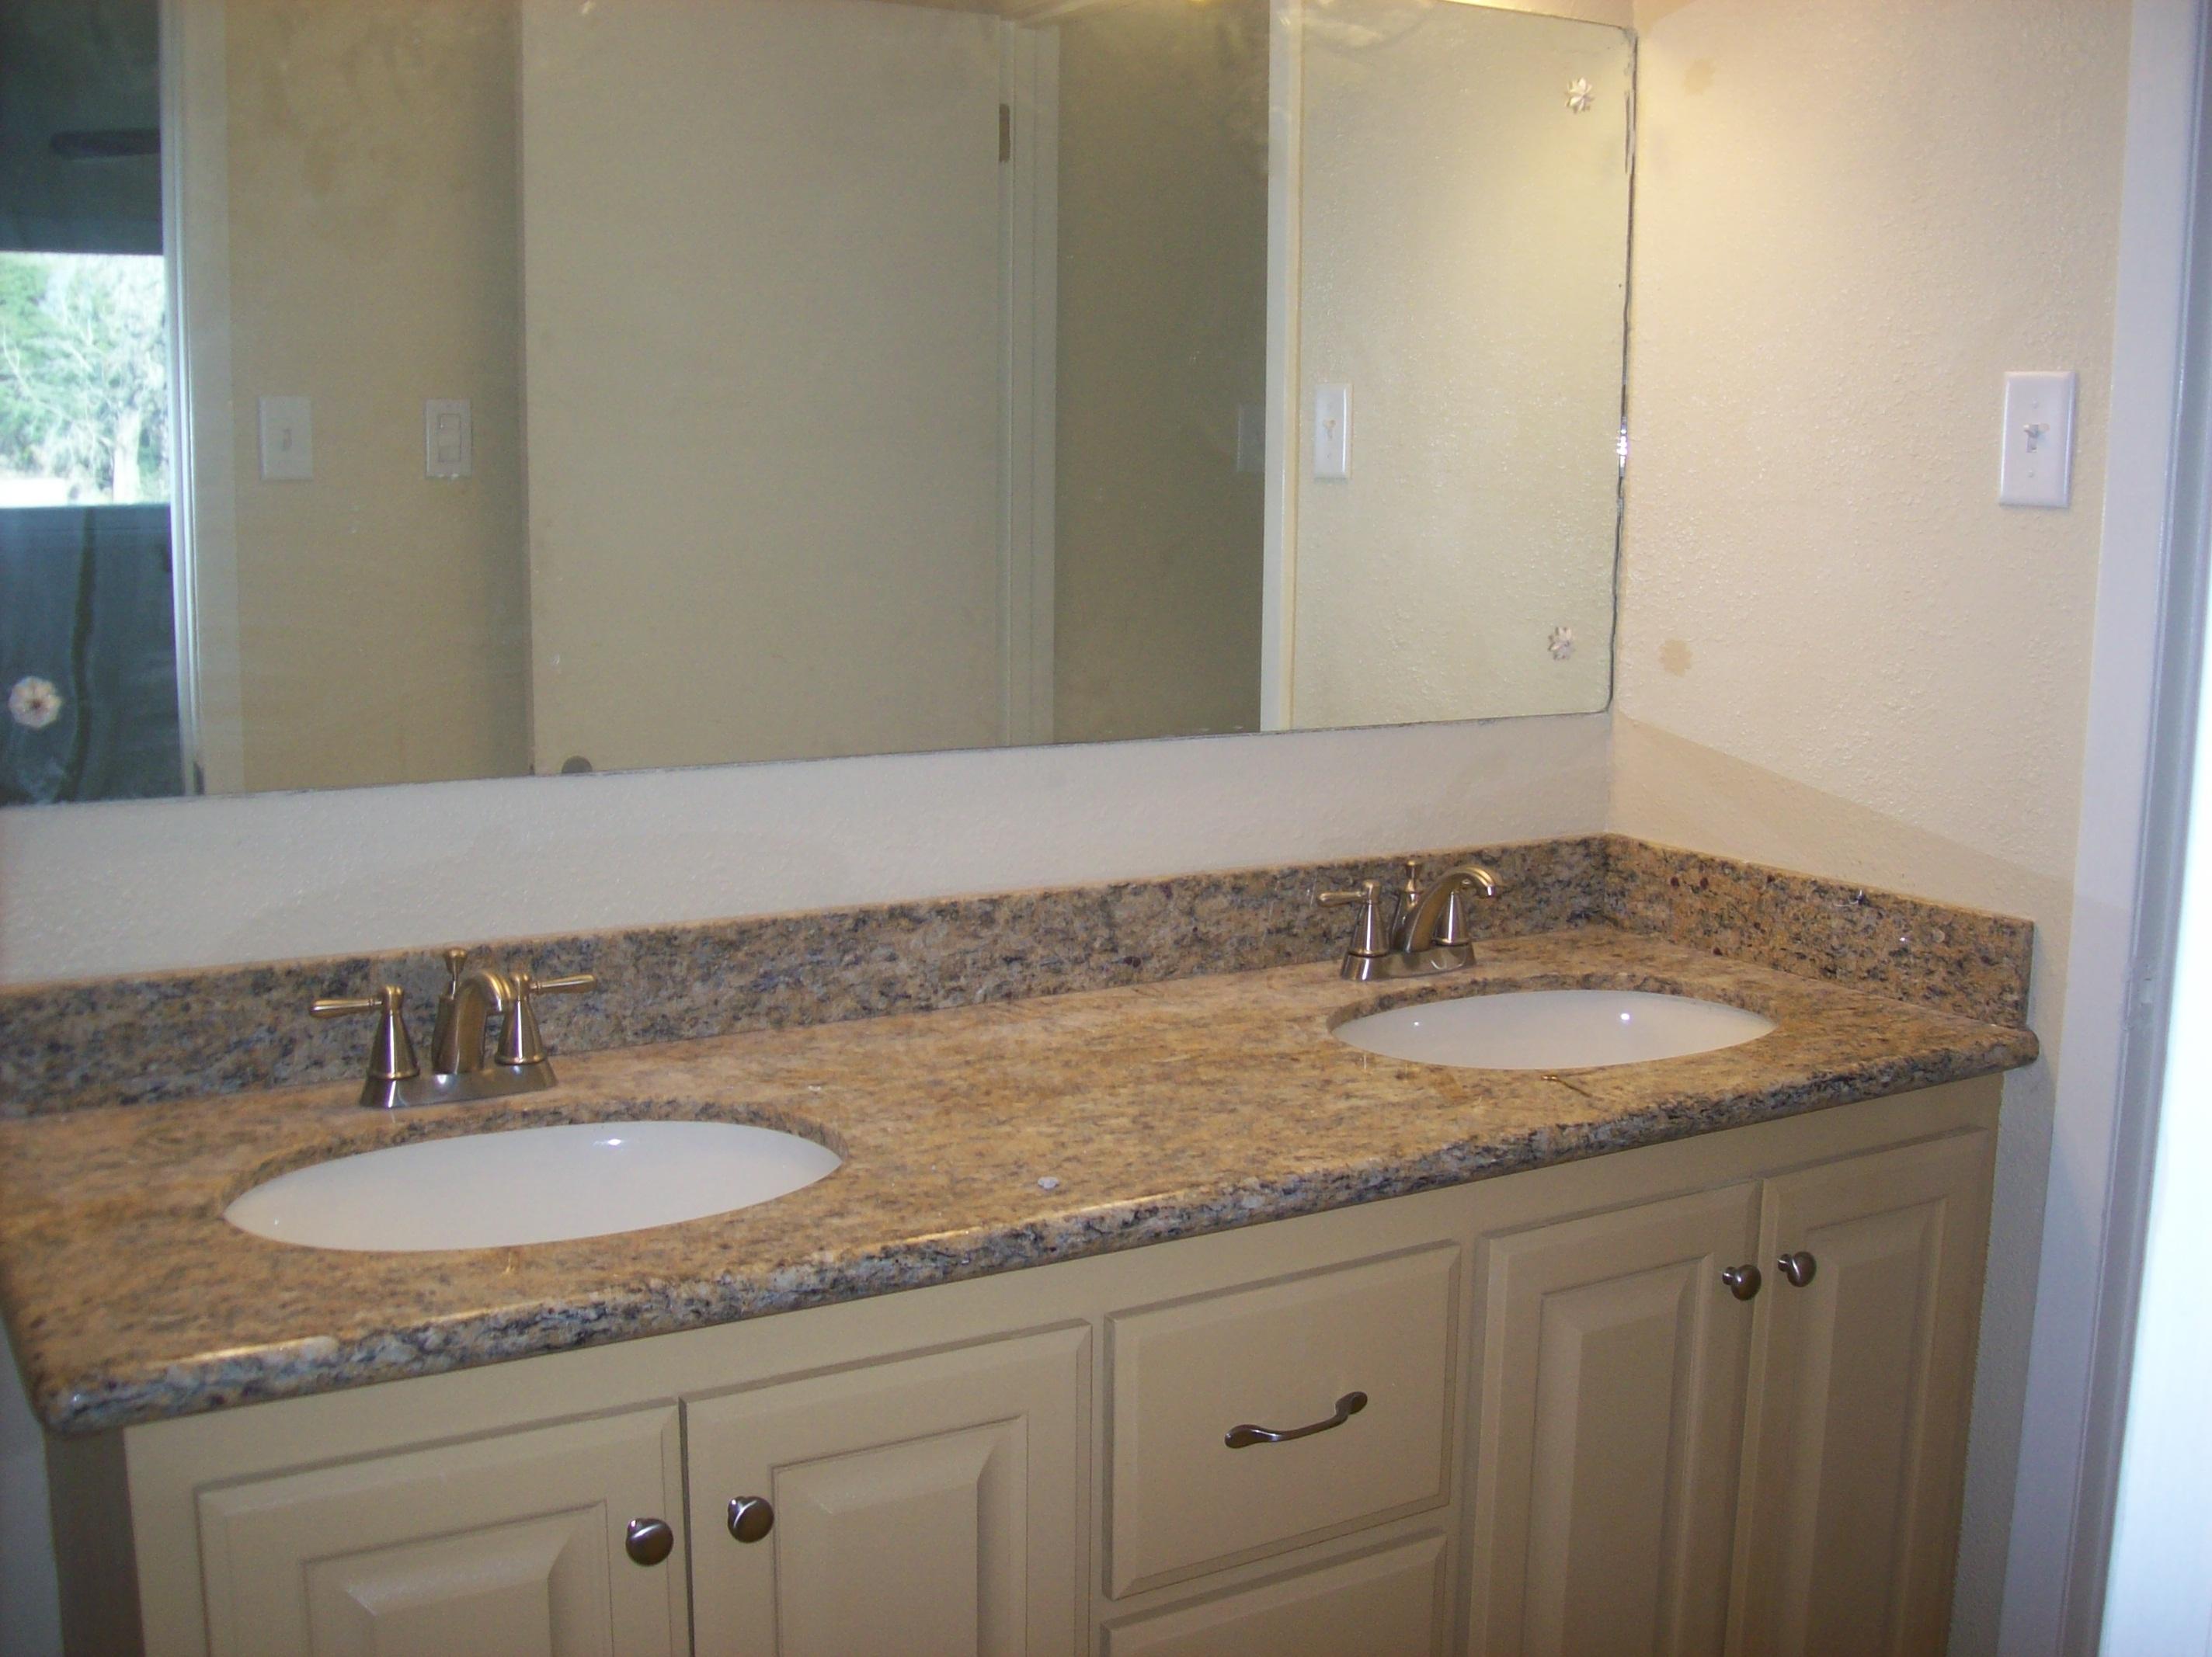 Bathroom Remodel Amp Repairs A L I Home Improvement